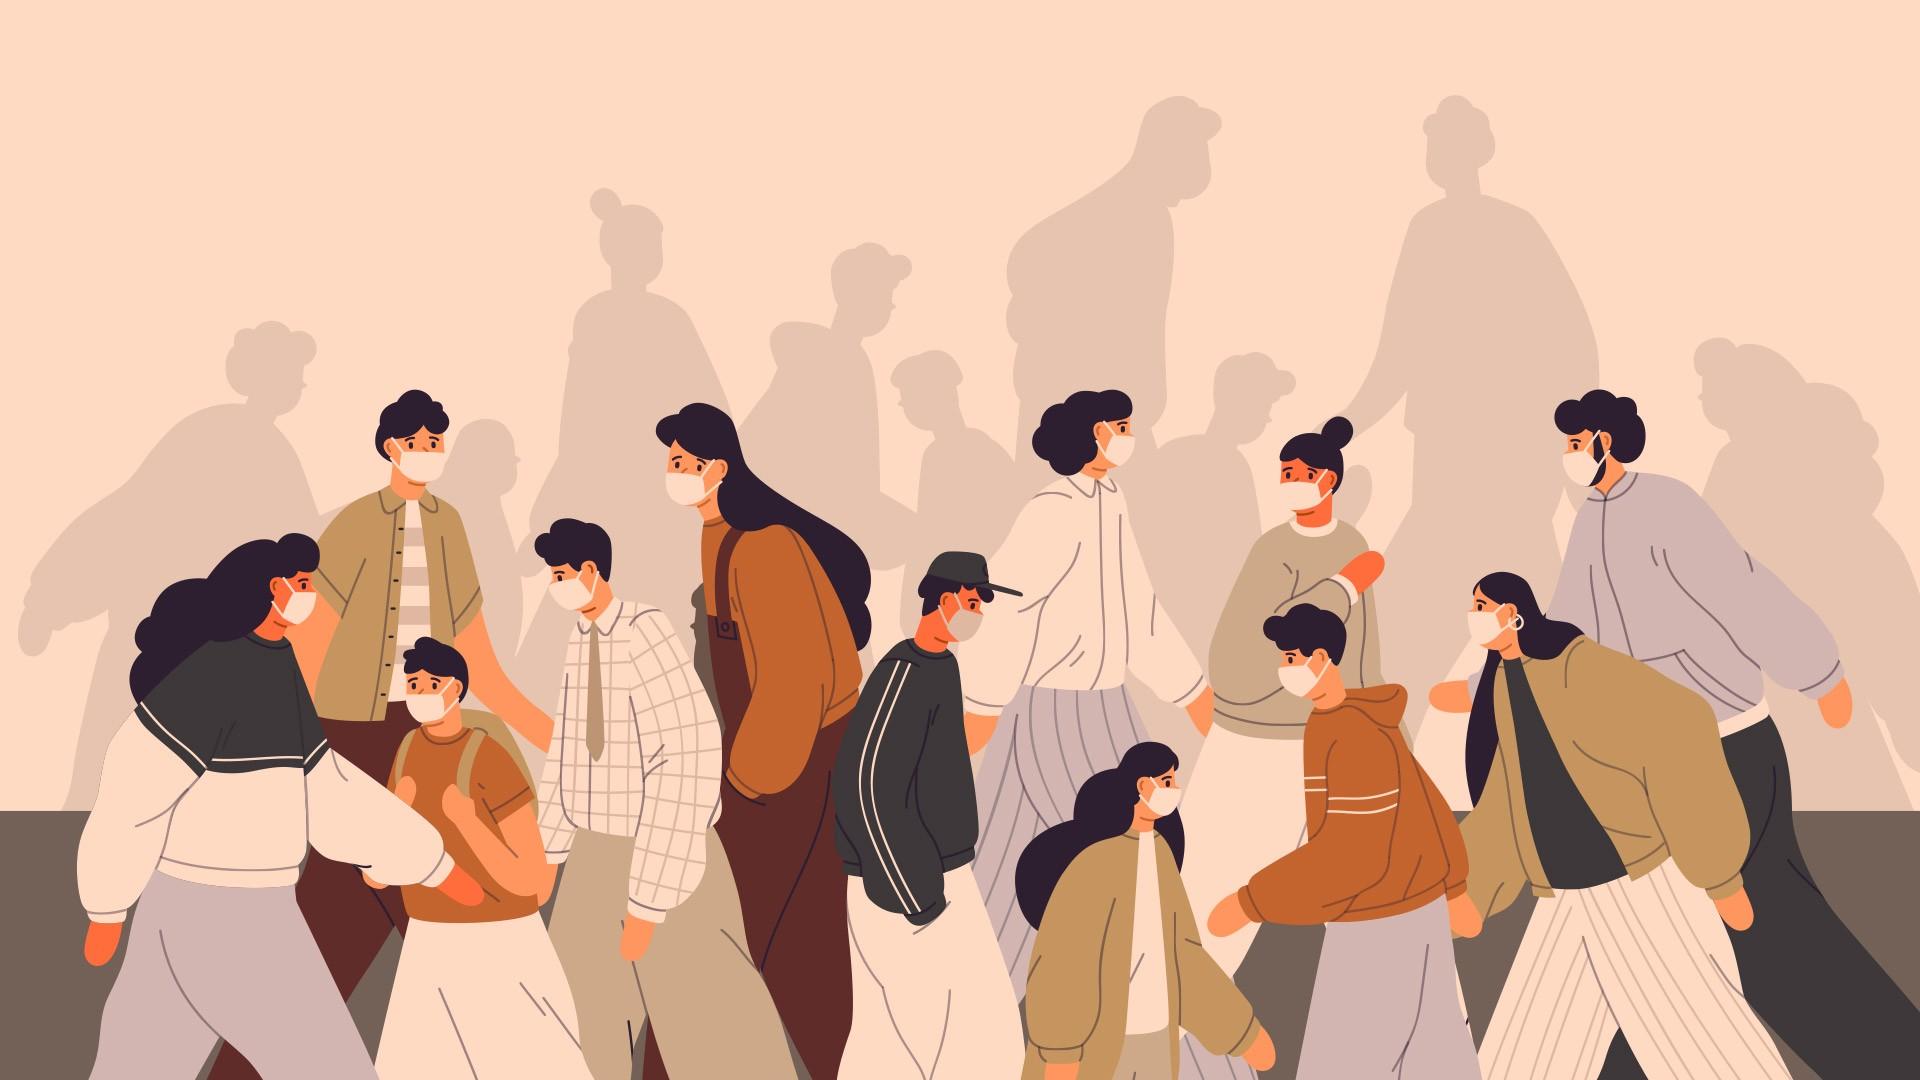 """a cura di Vera Fisogni Confine e frontiera sono le parole-chiave del post-emergenza Covid-19. La pandemia ha infatti segnato una linea netta tra il prima e il dopo il ogni ambito. Al """"Dopo"""" è dedicato il volume curato dal professor Alessandro Campi, ordinario di Scienza politica nell'Università di Perugia e direttore della """"Rivista di Politica"""". Sottotitolo del saggio, edito da Rubbettino, (finanziato da Intesa Sanpaolo): """"Come la pandemia può cambiare la politica, l'economia, la comunicazione e le relazioni internazionali""""."""